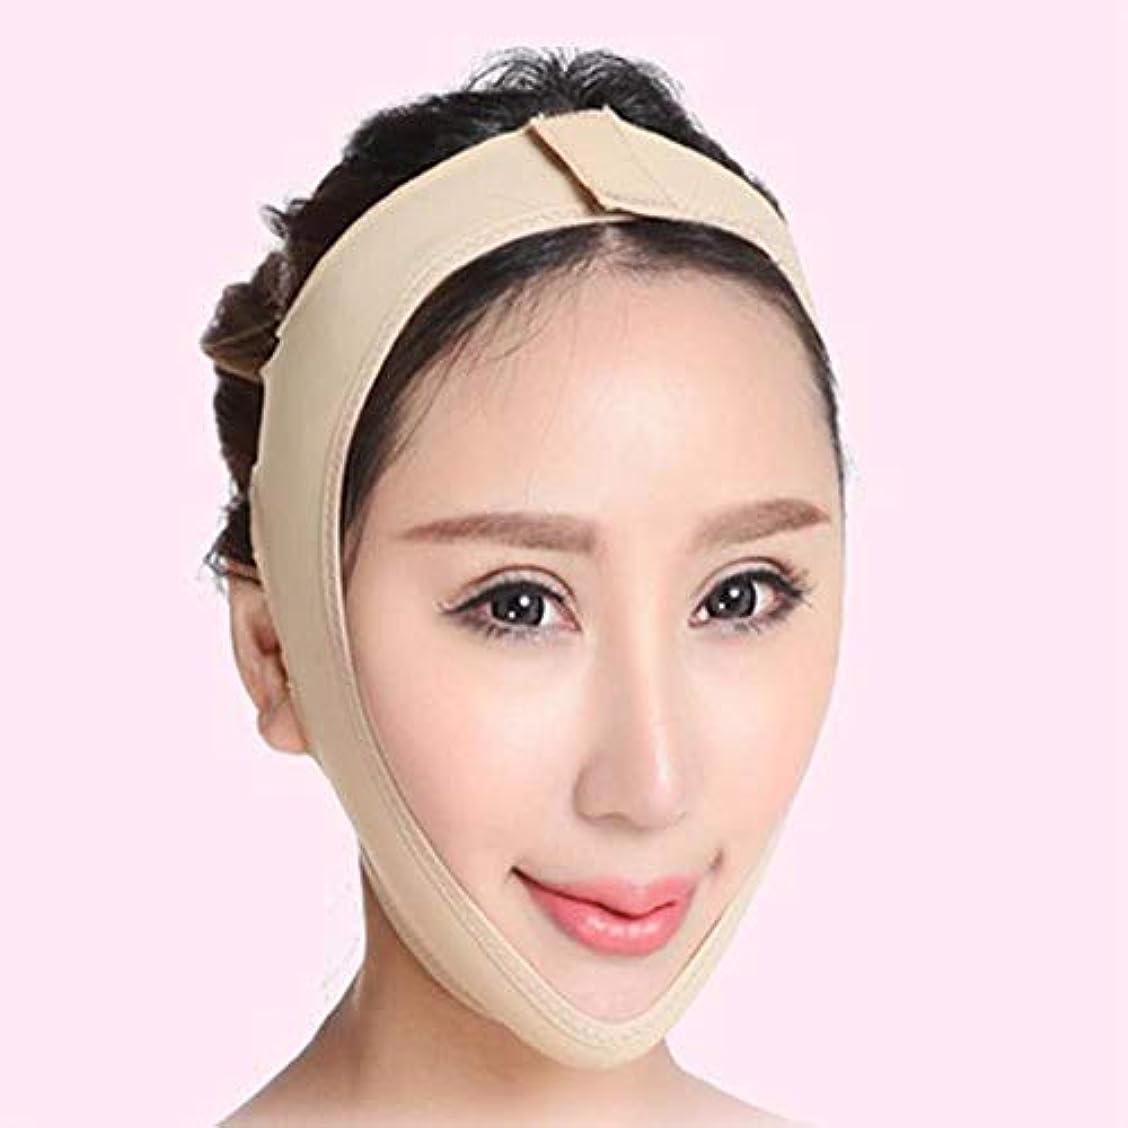 金銭的パキスタン集まるMR 小顔マスク リフトアップ マスク フェイスラインシャープ メンズ レディース Sサイズ MR-AZD15003-S